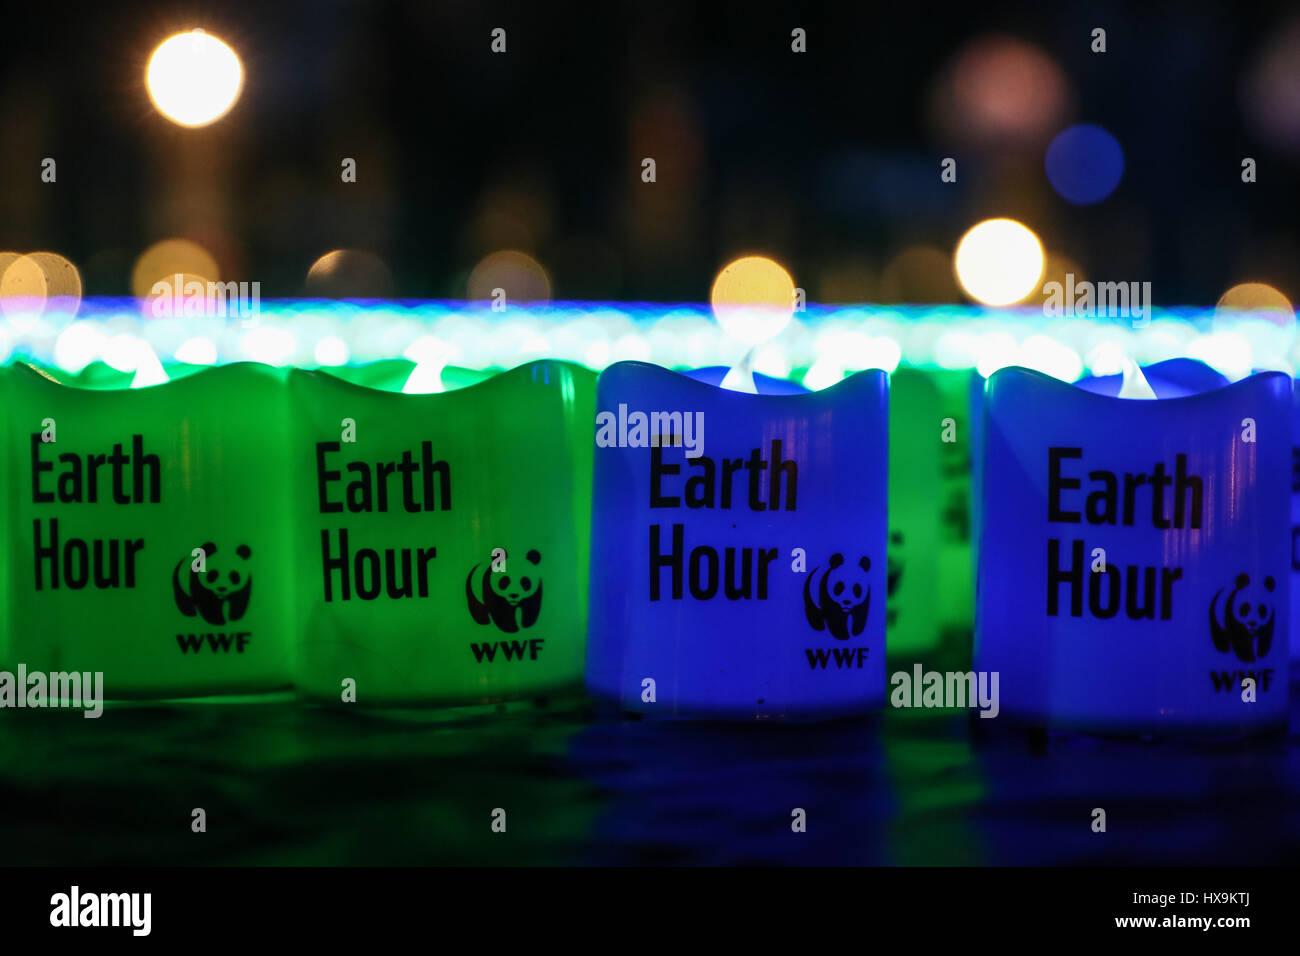 """Berlin. 25. März 2017. Foto aufgenommen am 25. März 2017 zeigt Leuchten mit Wörter, die """"Earth Hour"""" auf den Boden Stockfoto"""